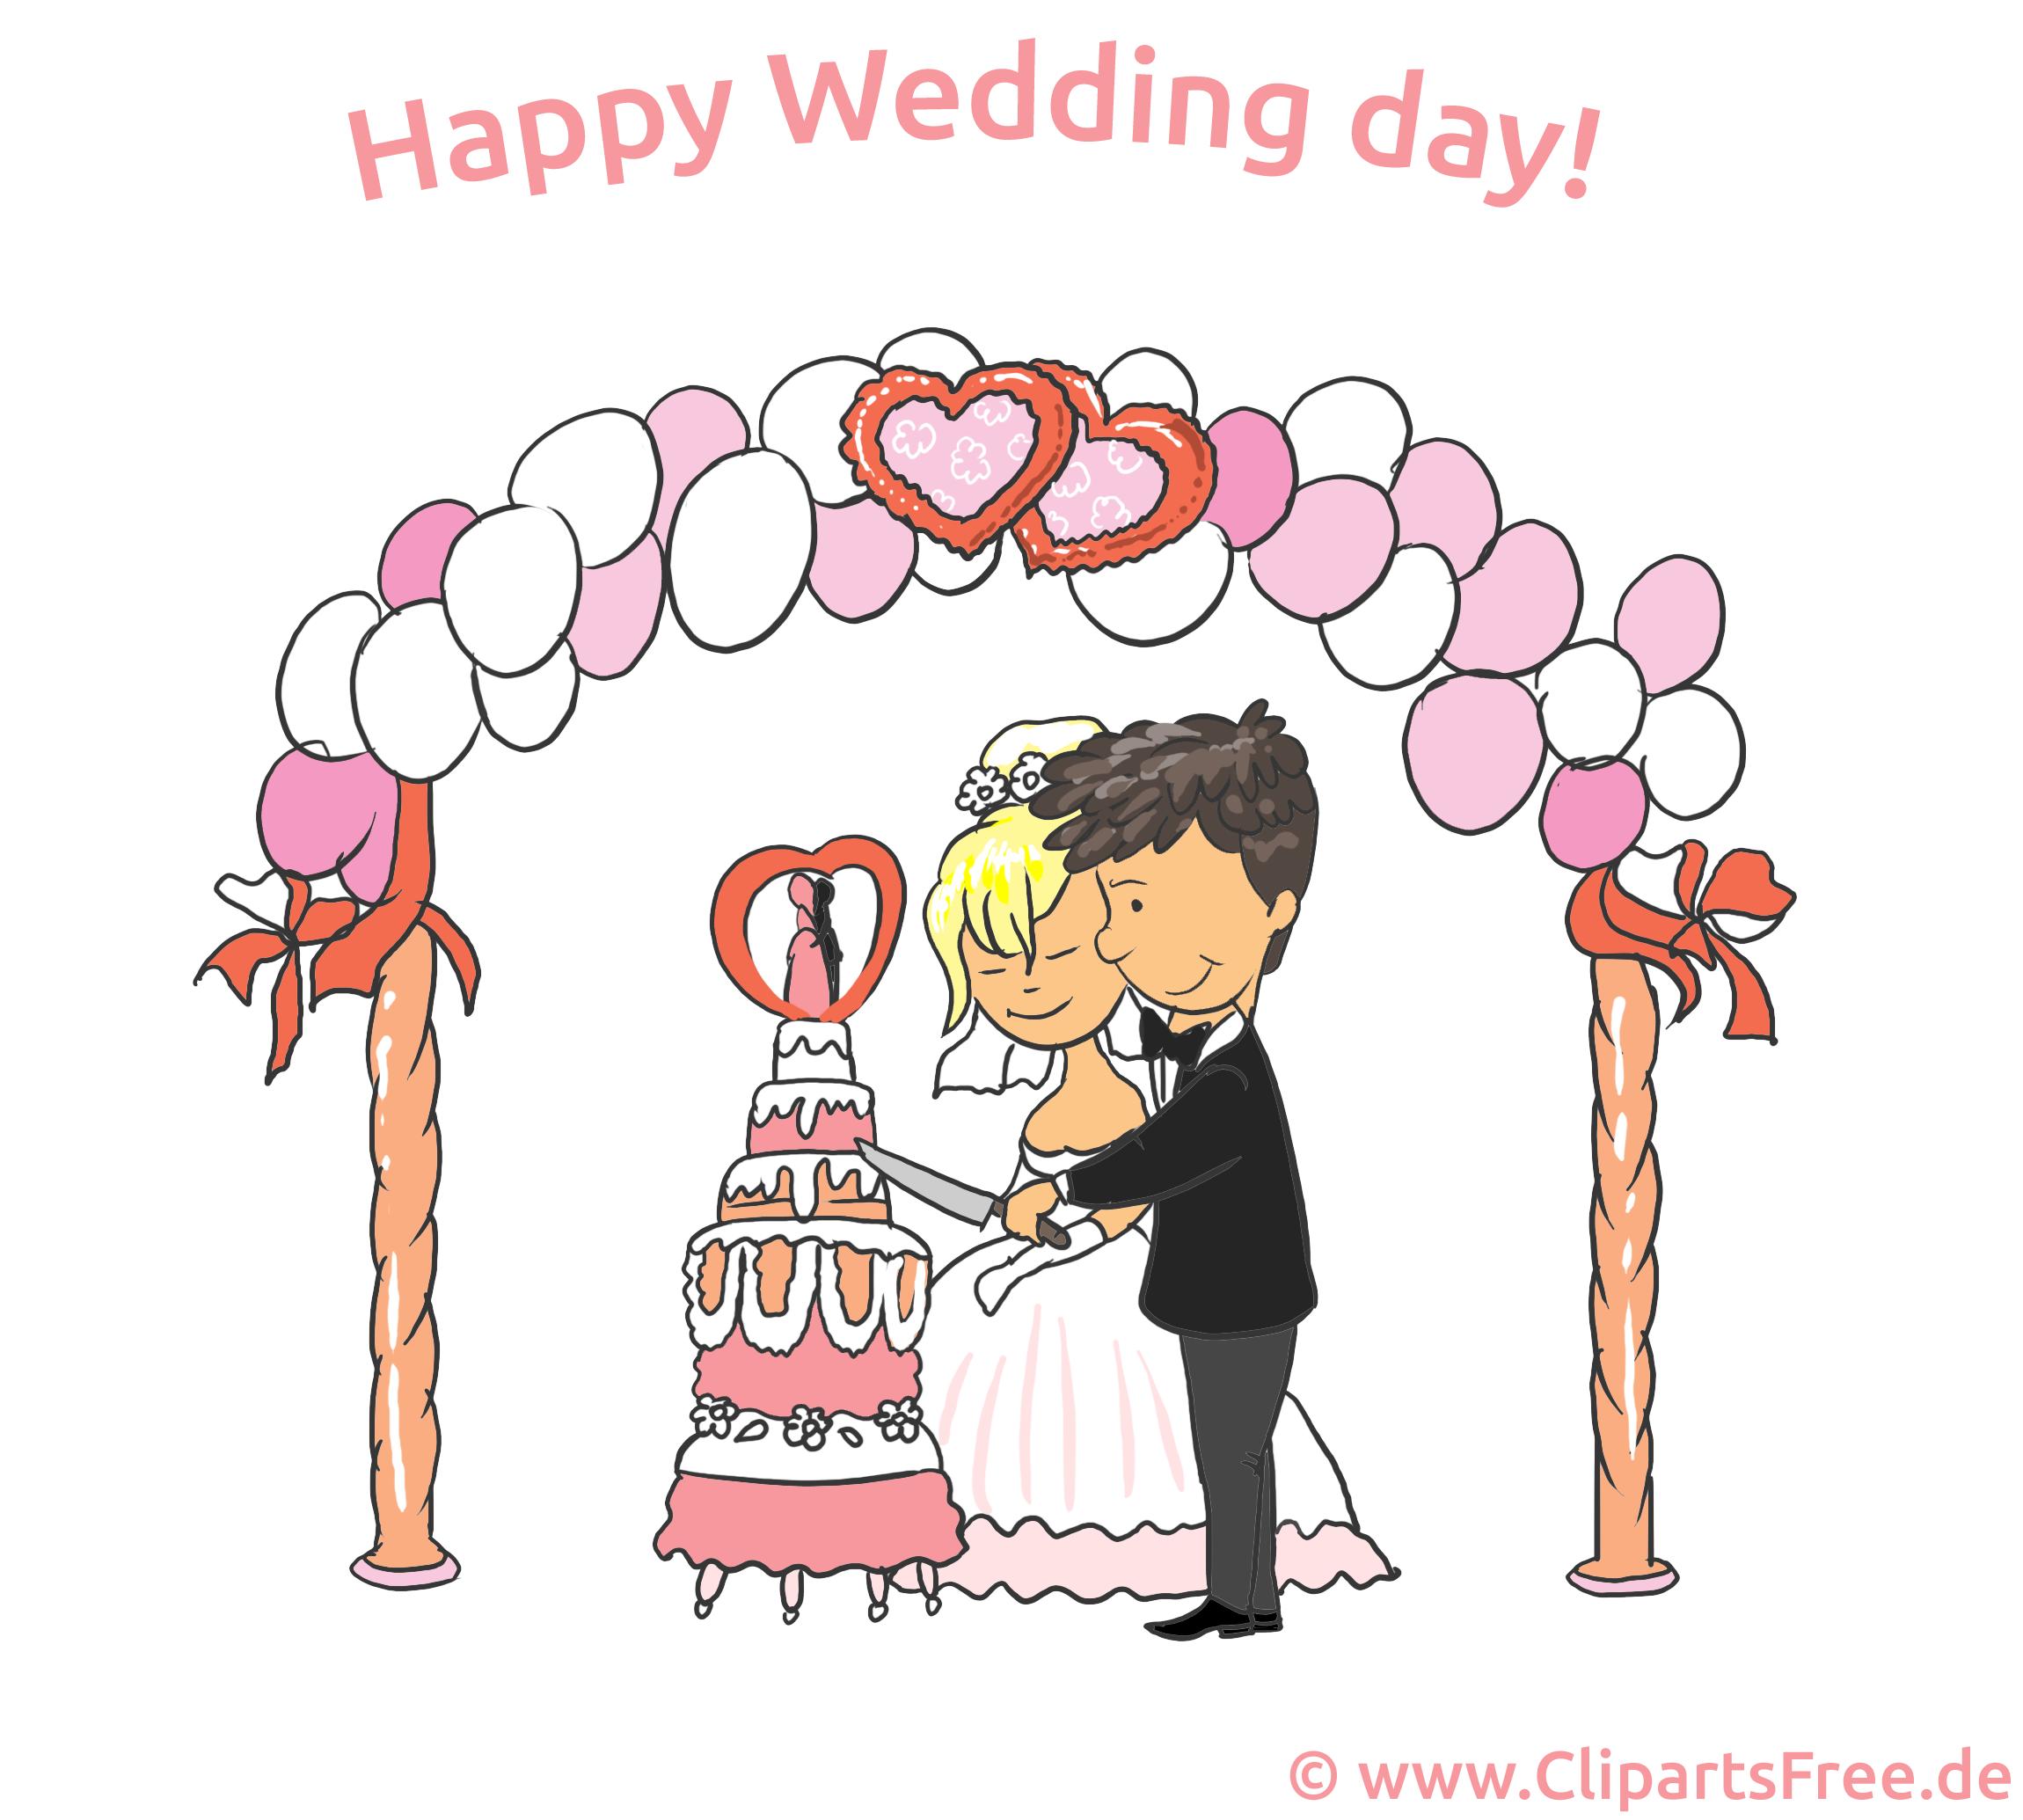 images clipart mariage gratuites - photo #27